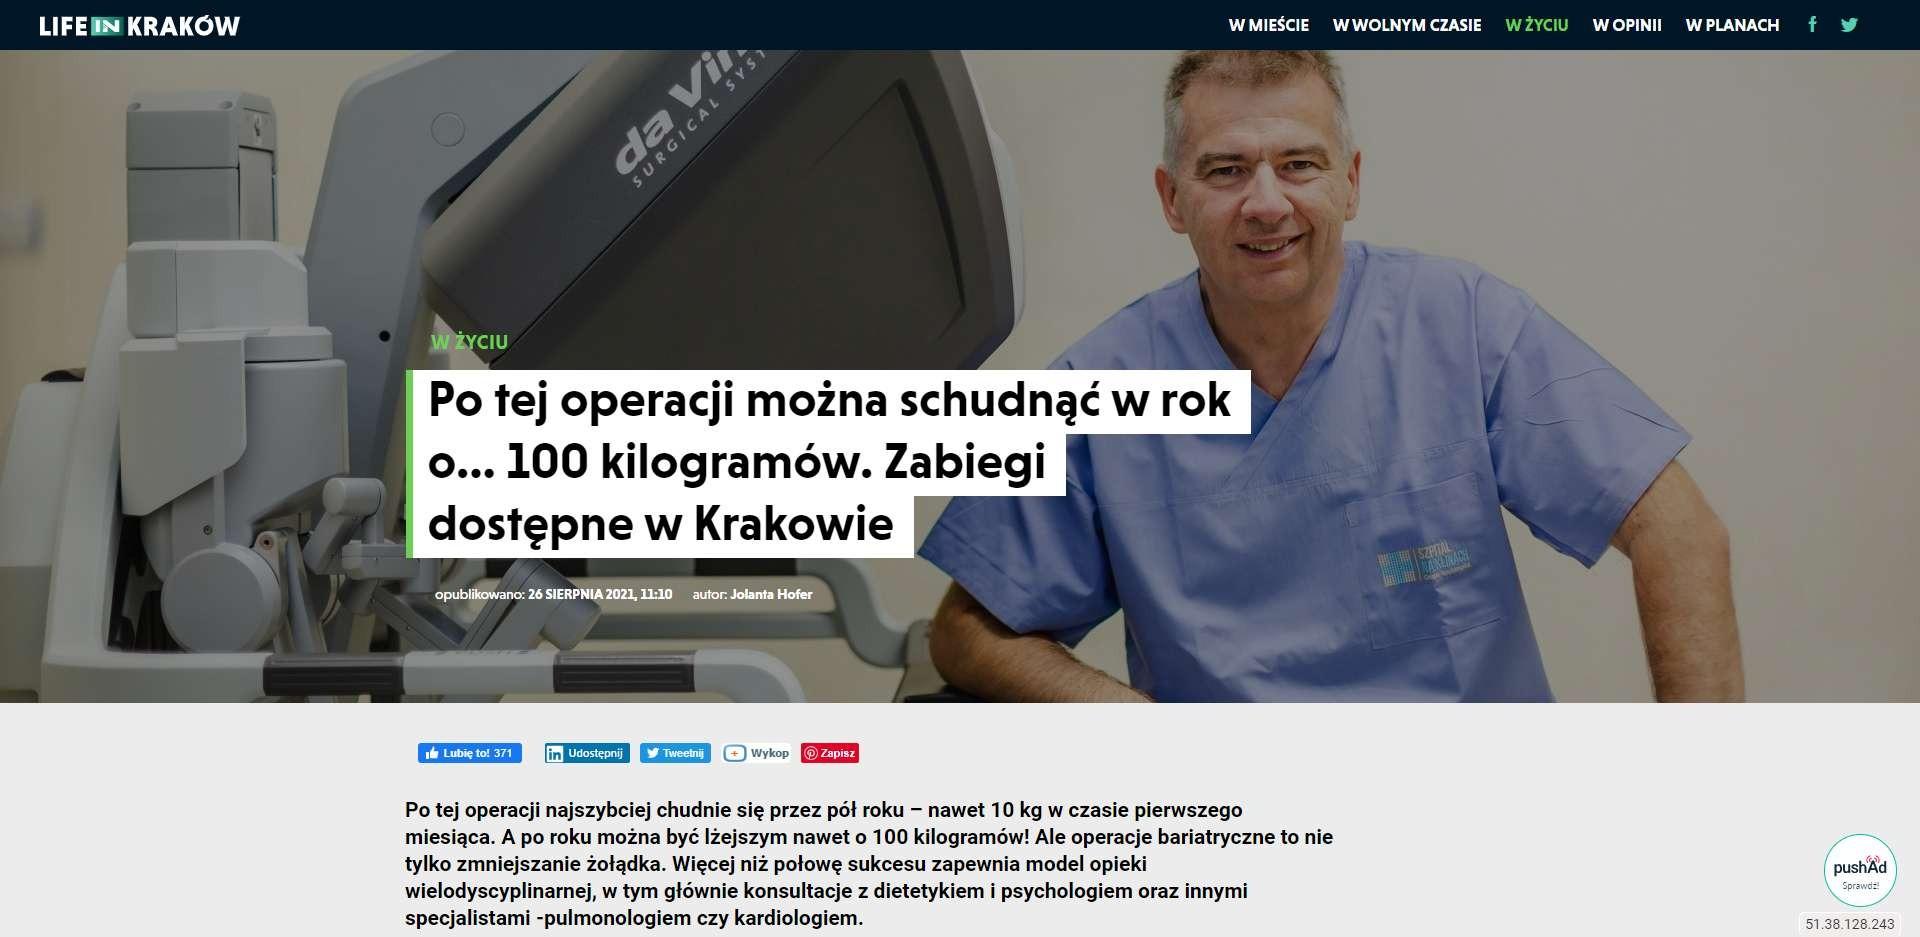 po tej operacji mozna schudnac w rok o kilogramow zabiegi dostepne w krakowie